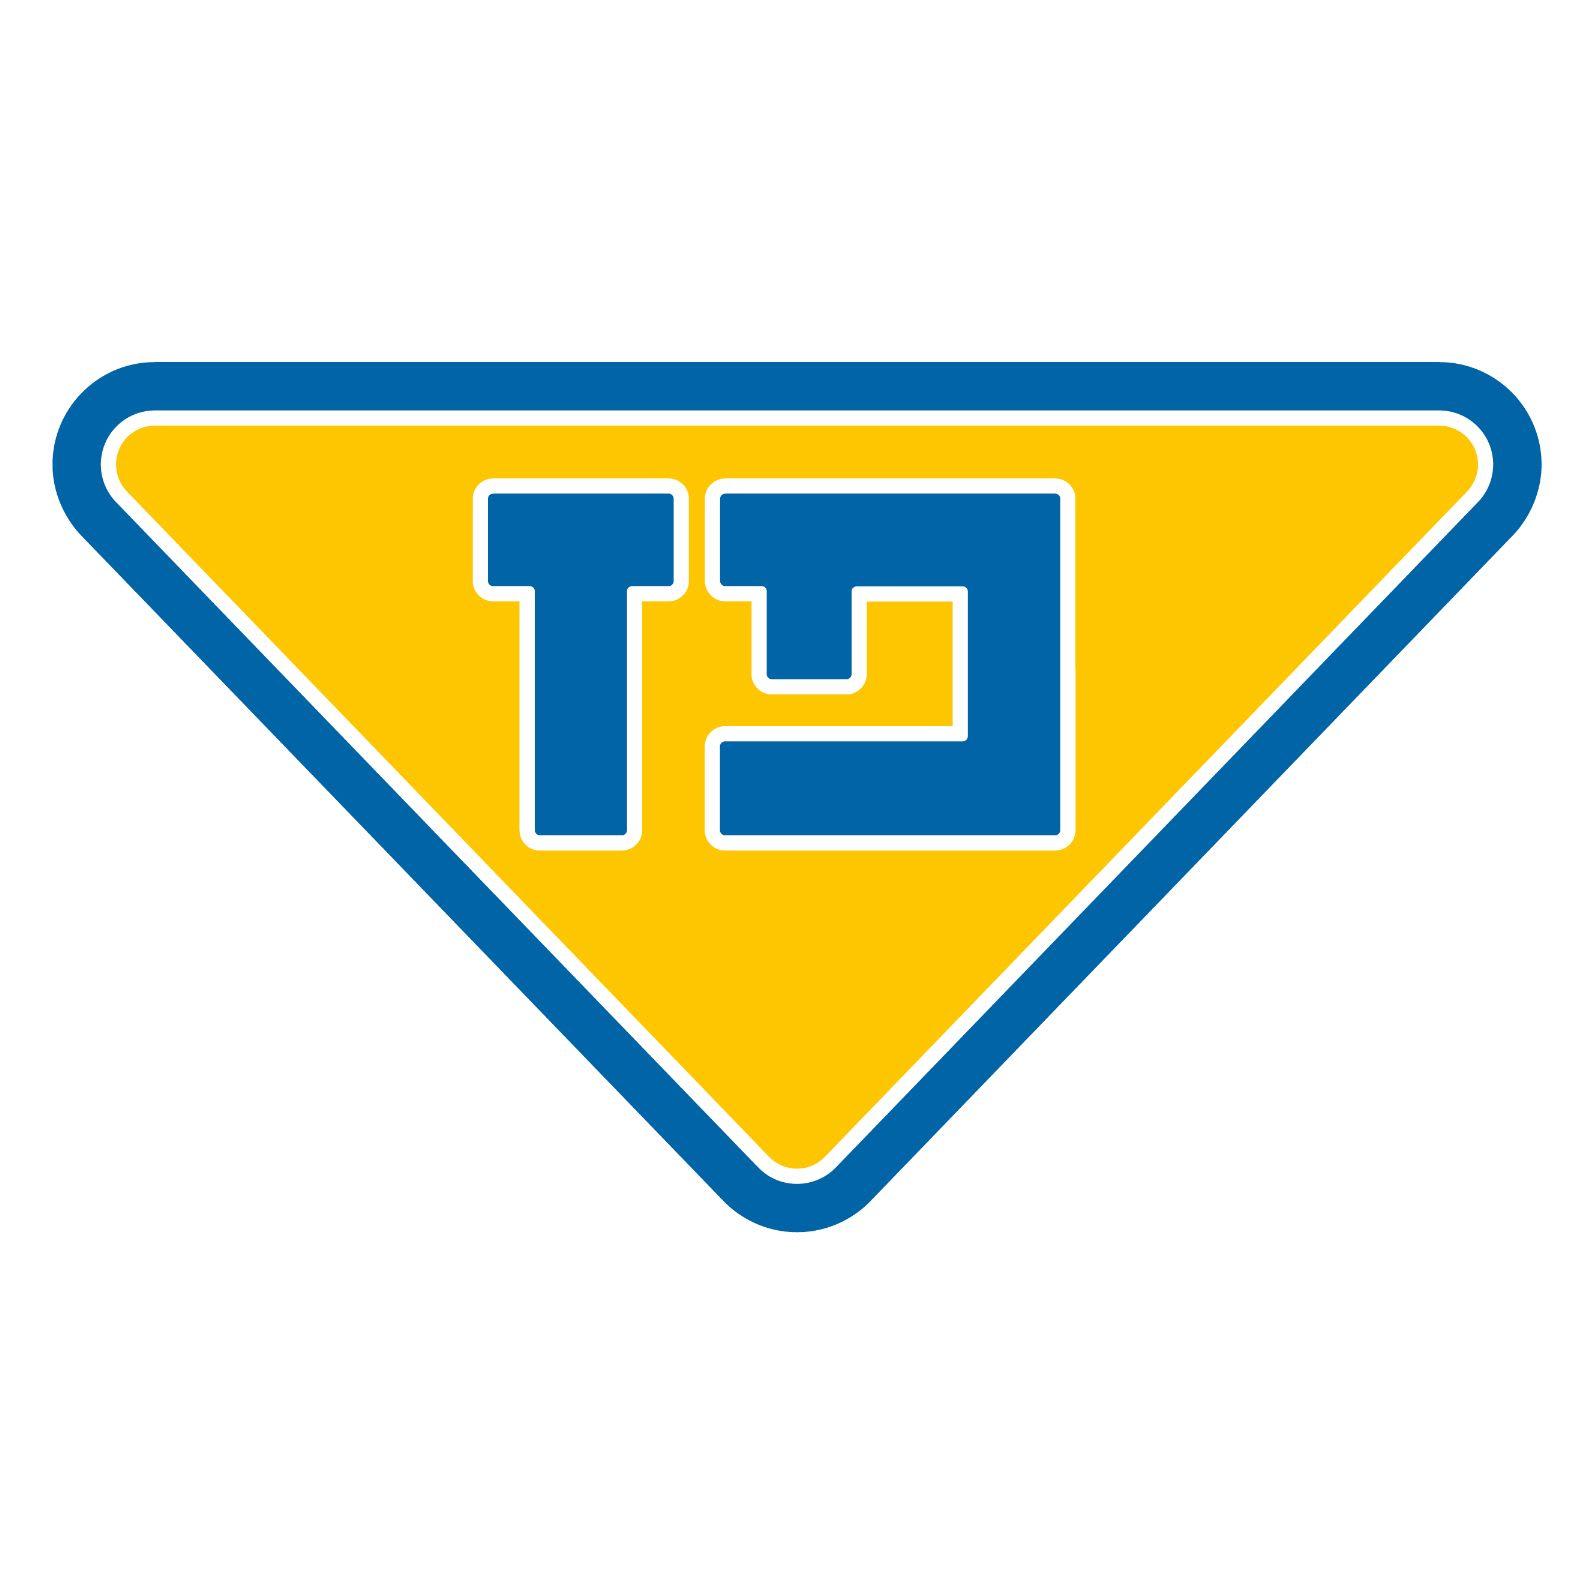 פז logo